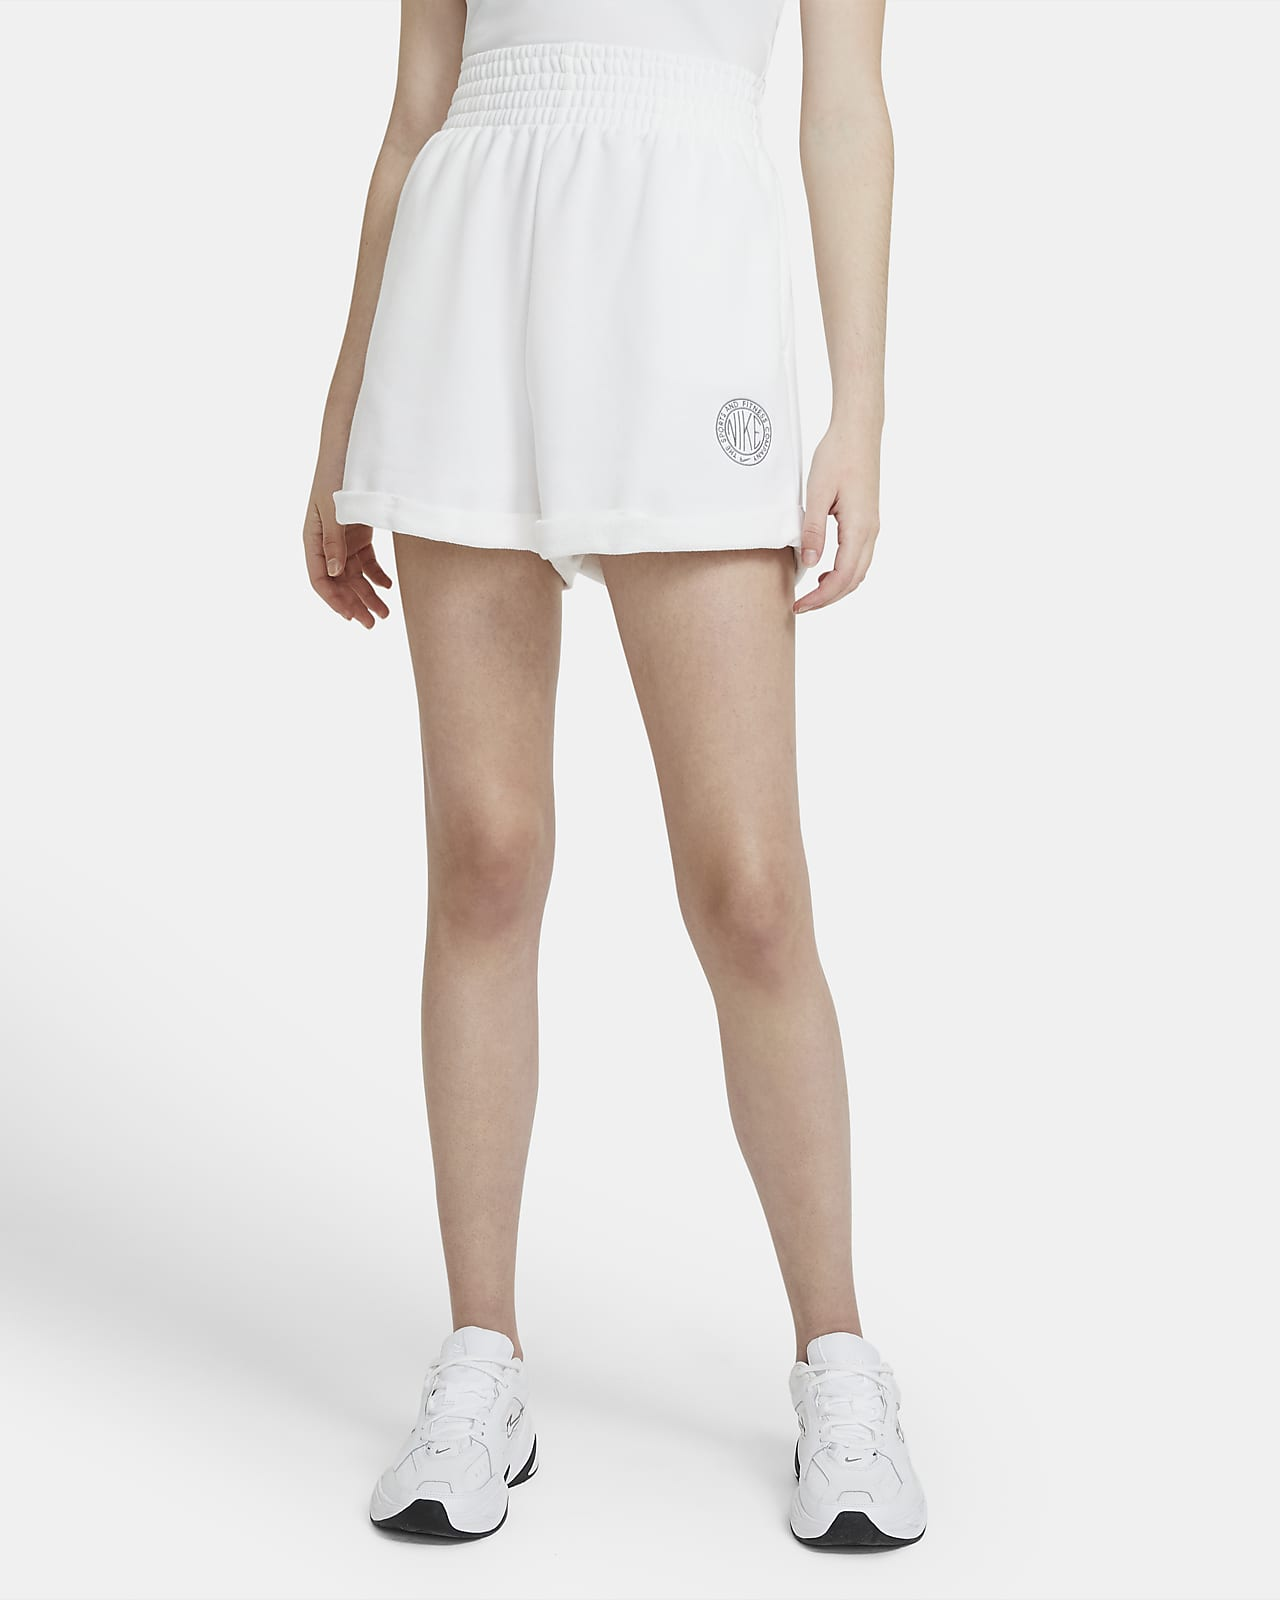 Nike Sportswear Femme Women's Shorts